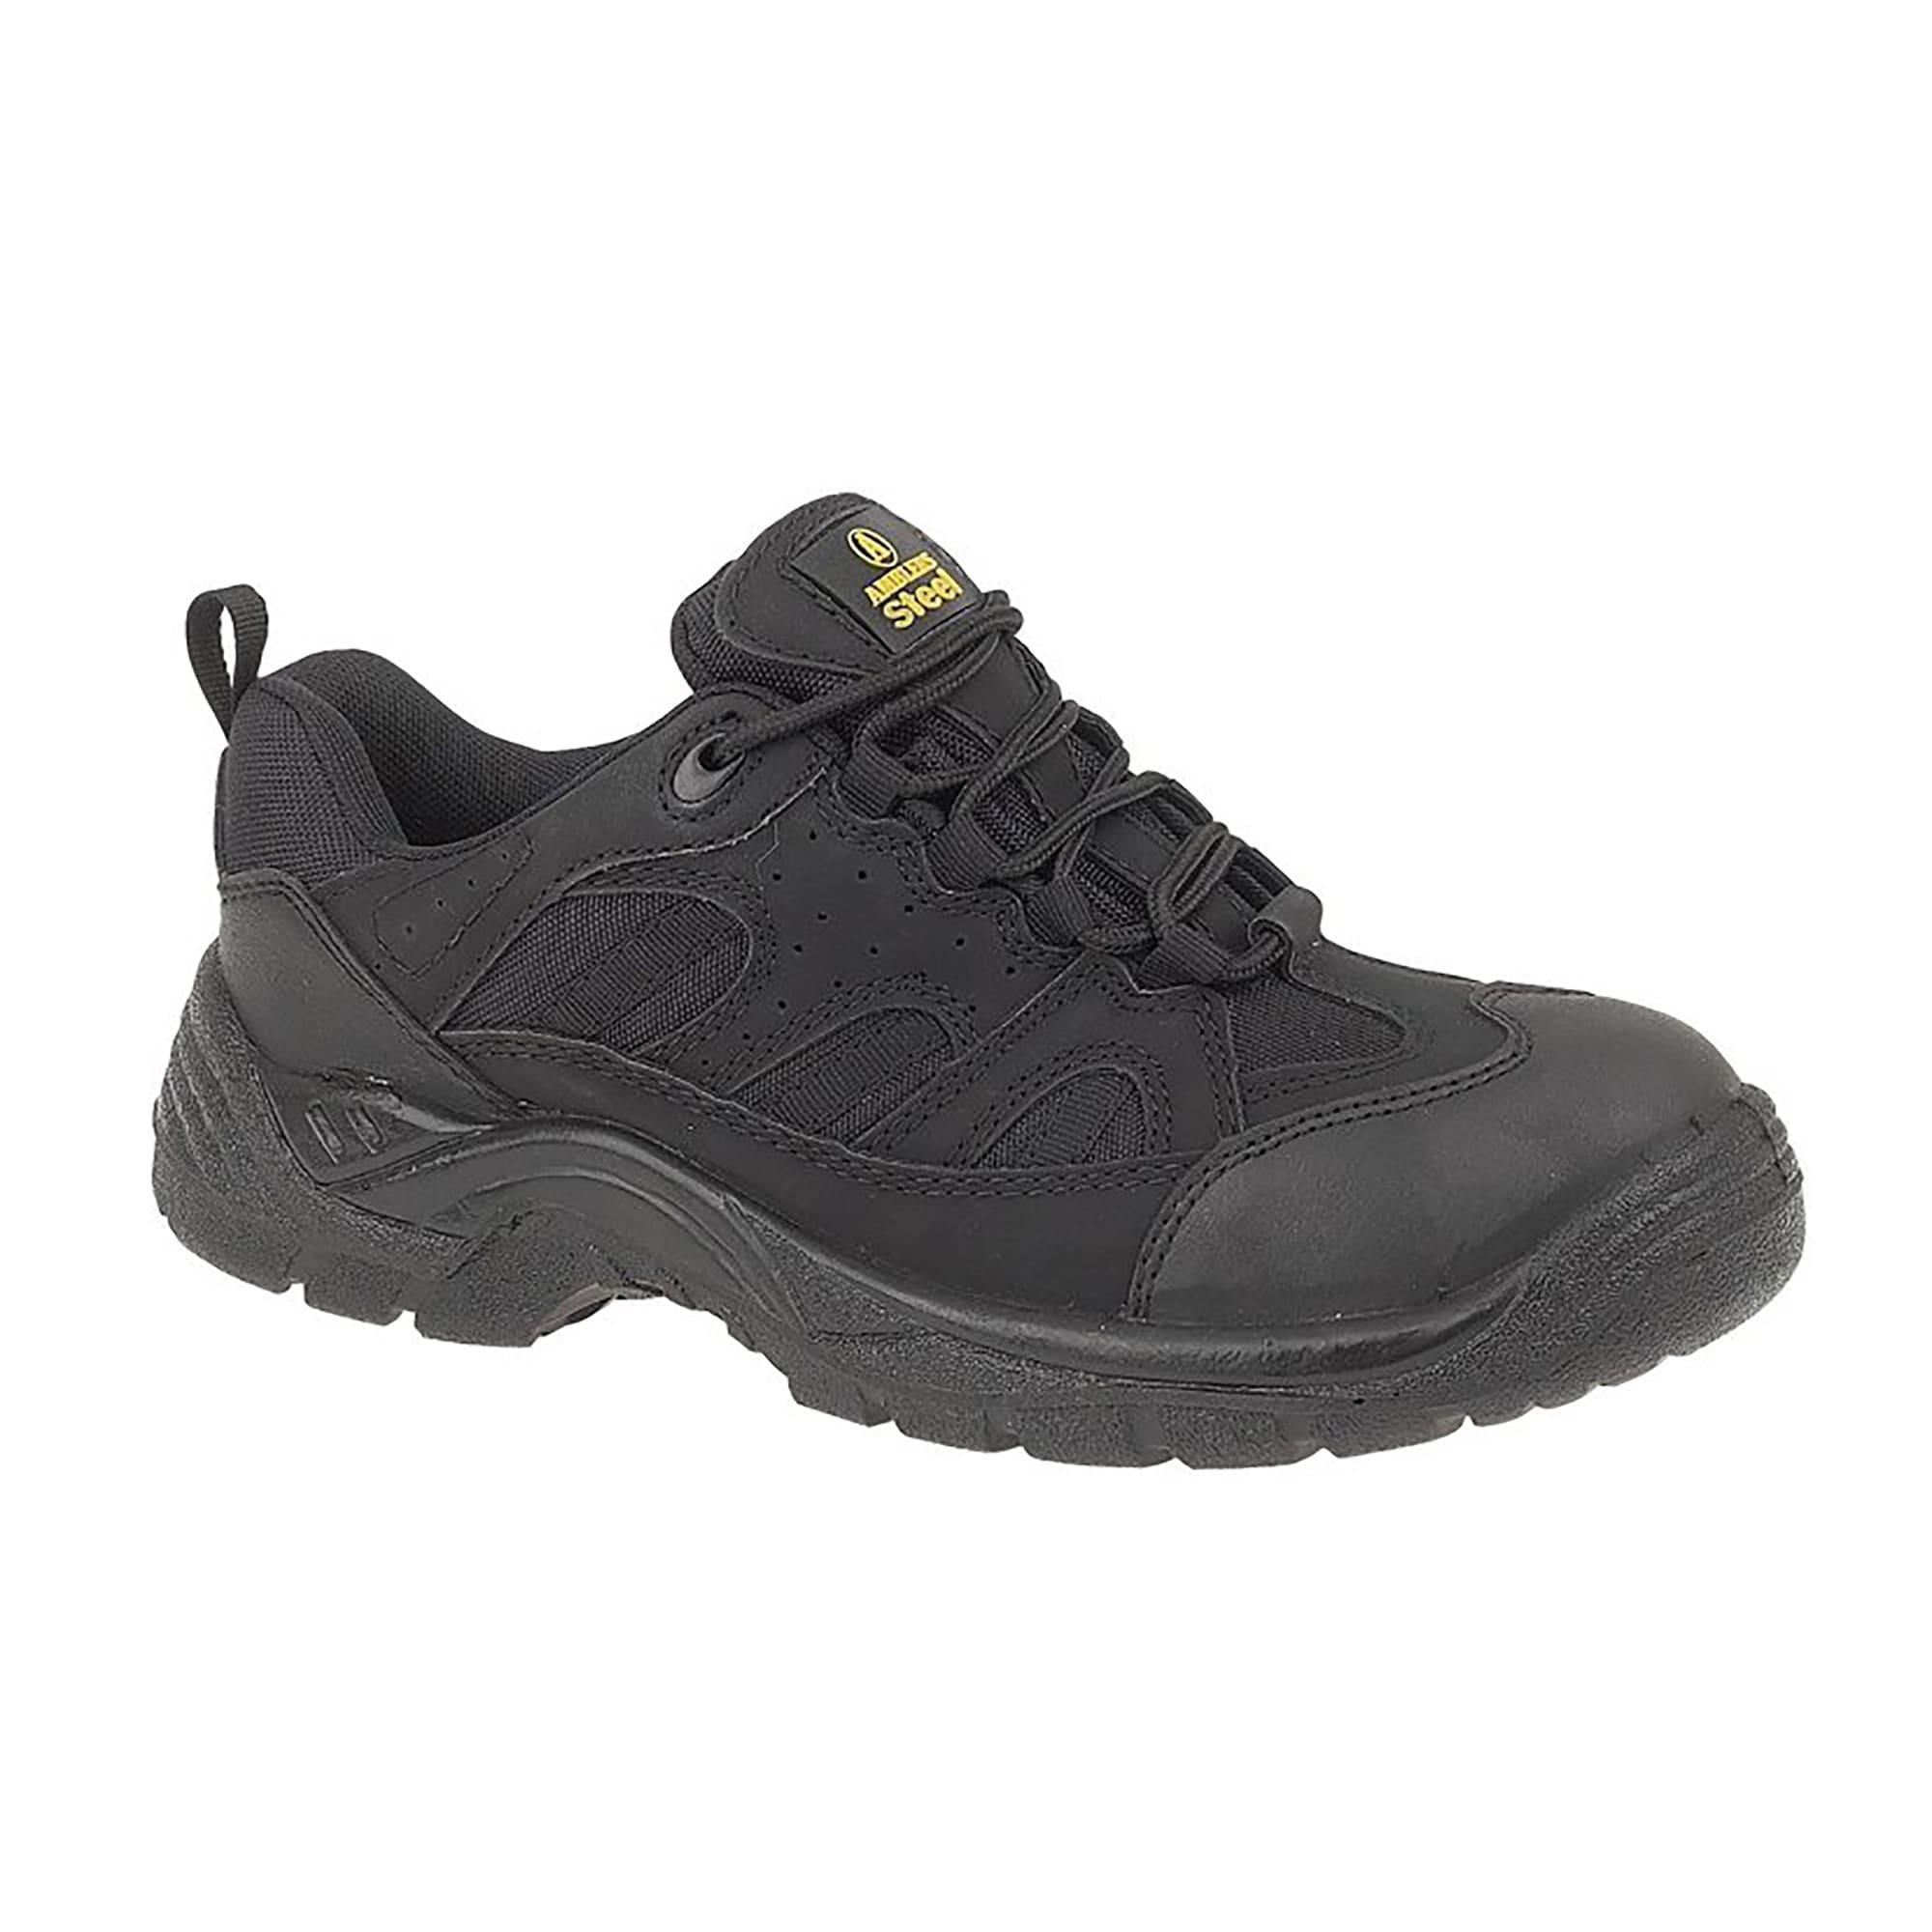 Amblers Safety Arbeitsschuh Unisex Steel FS214 Sicherheitsturnschuhe / Sicherheitsschuhe Herrenmode/Schuhe/Arbeitsschuhe